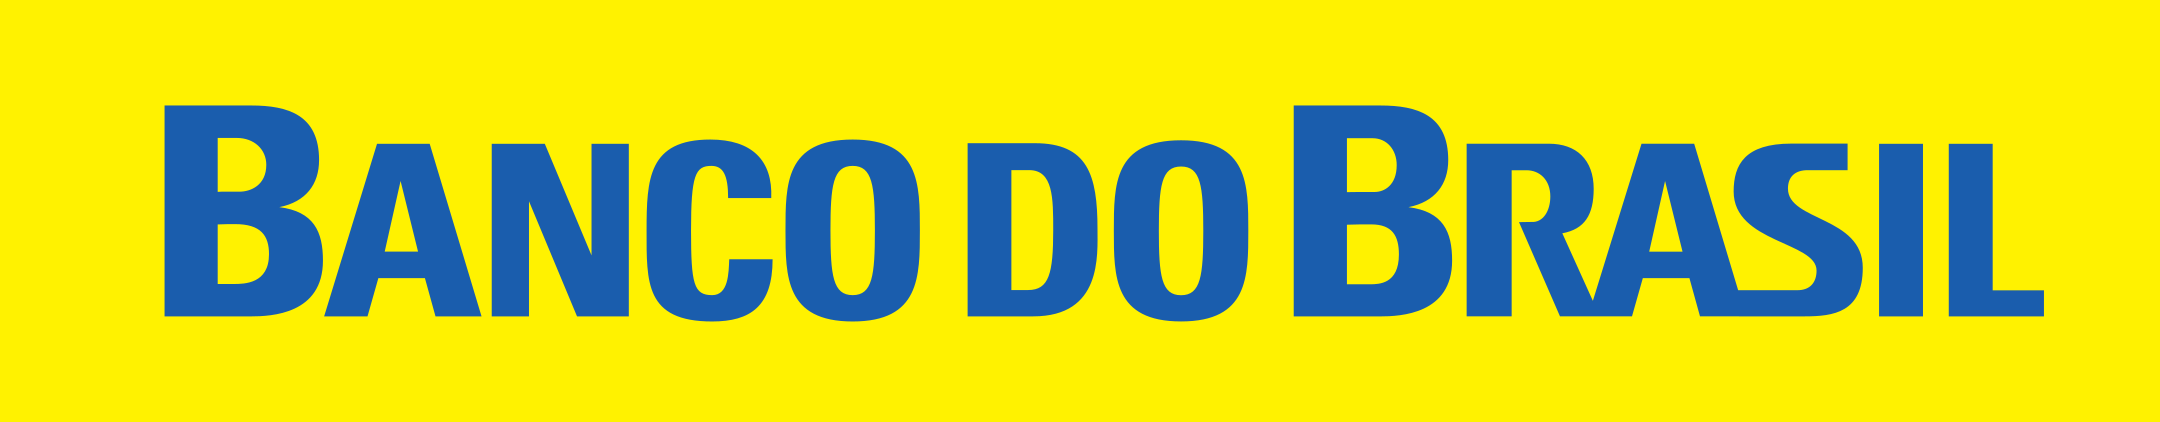 banco do brasil logo 2 - Banco do Brasil Logo